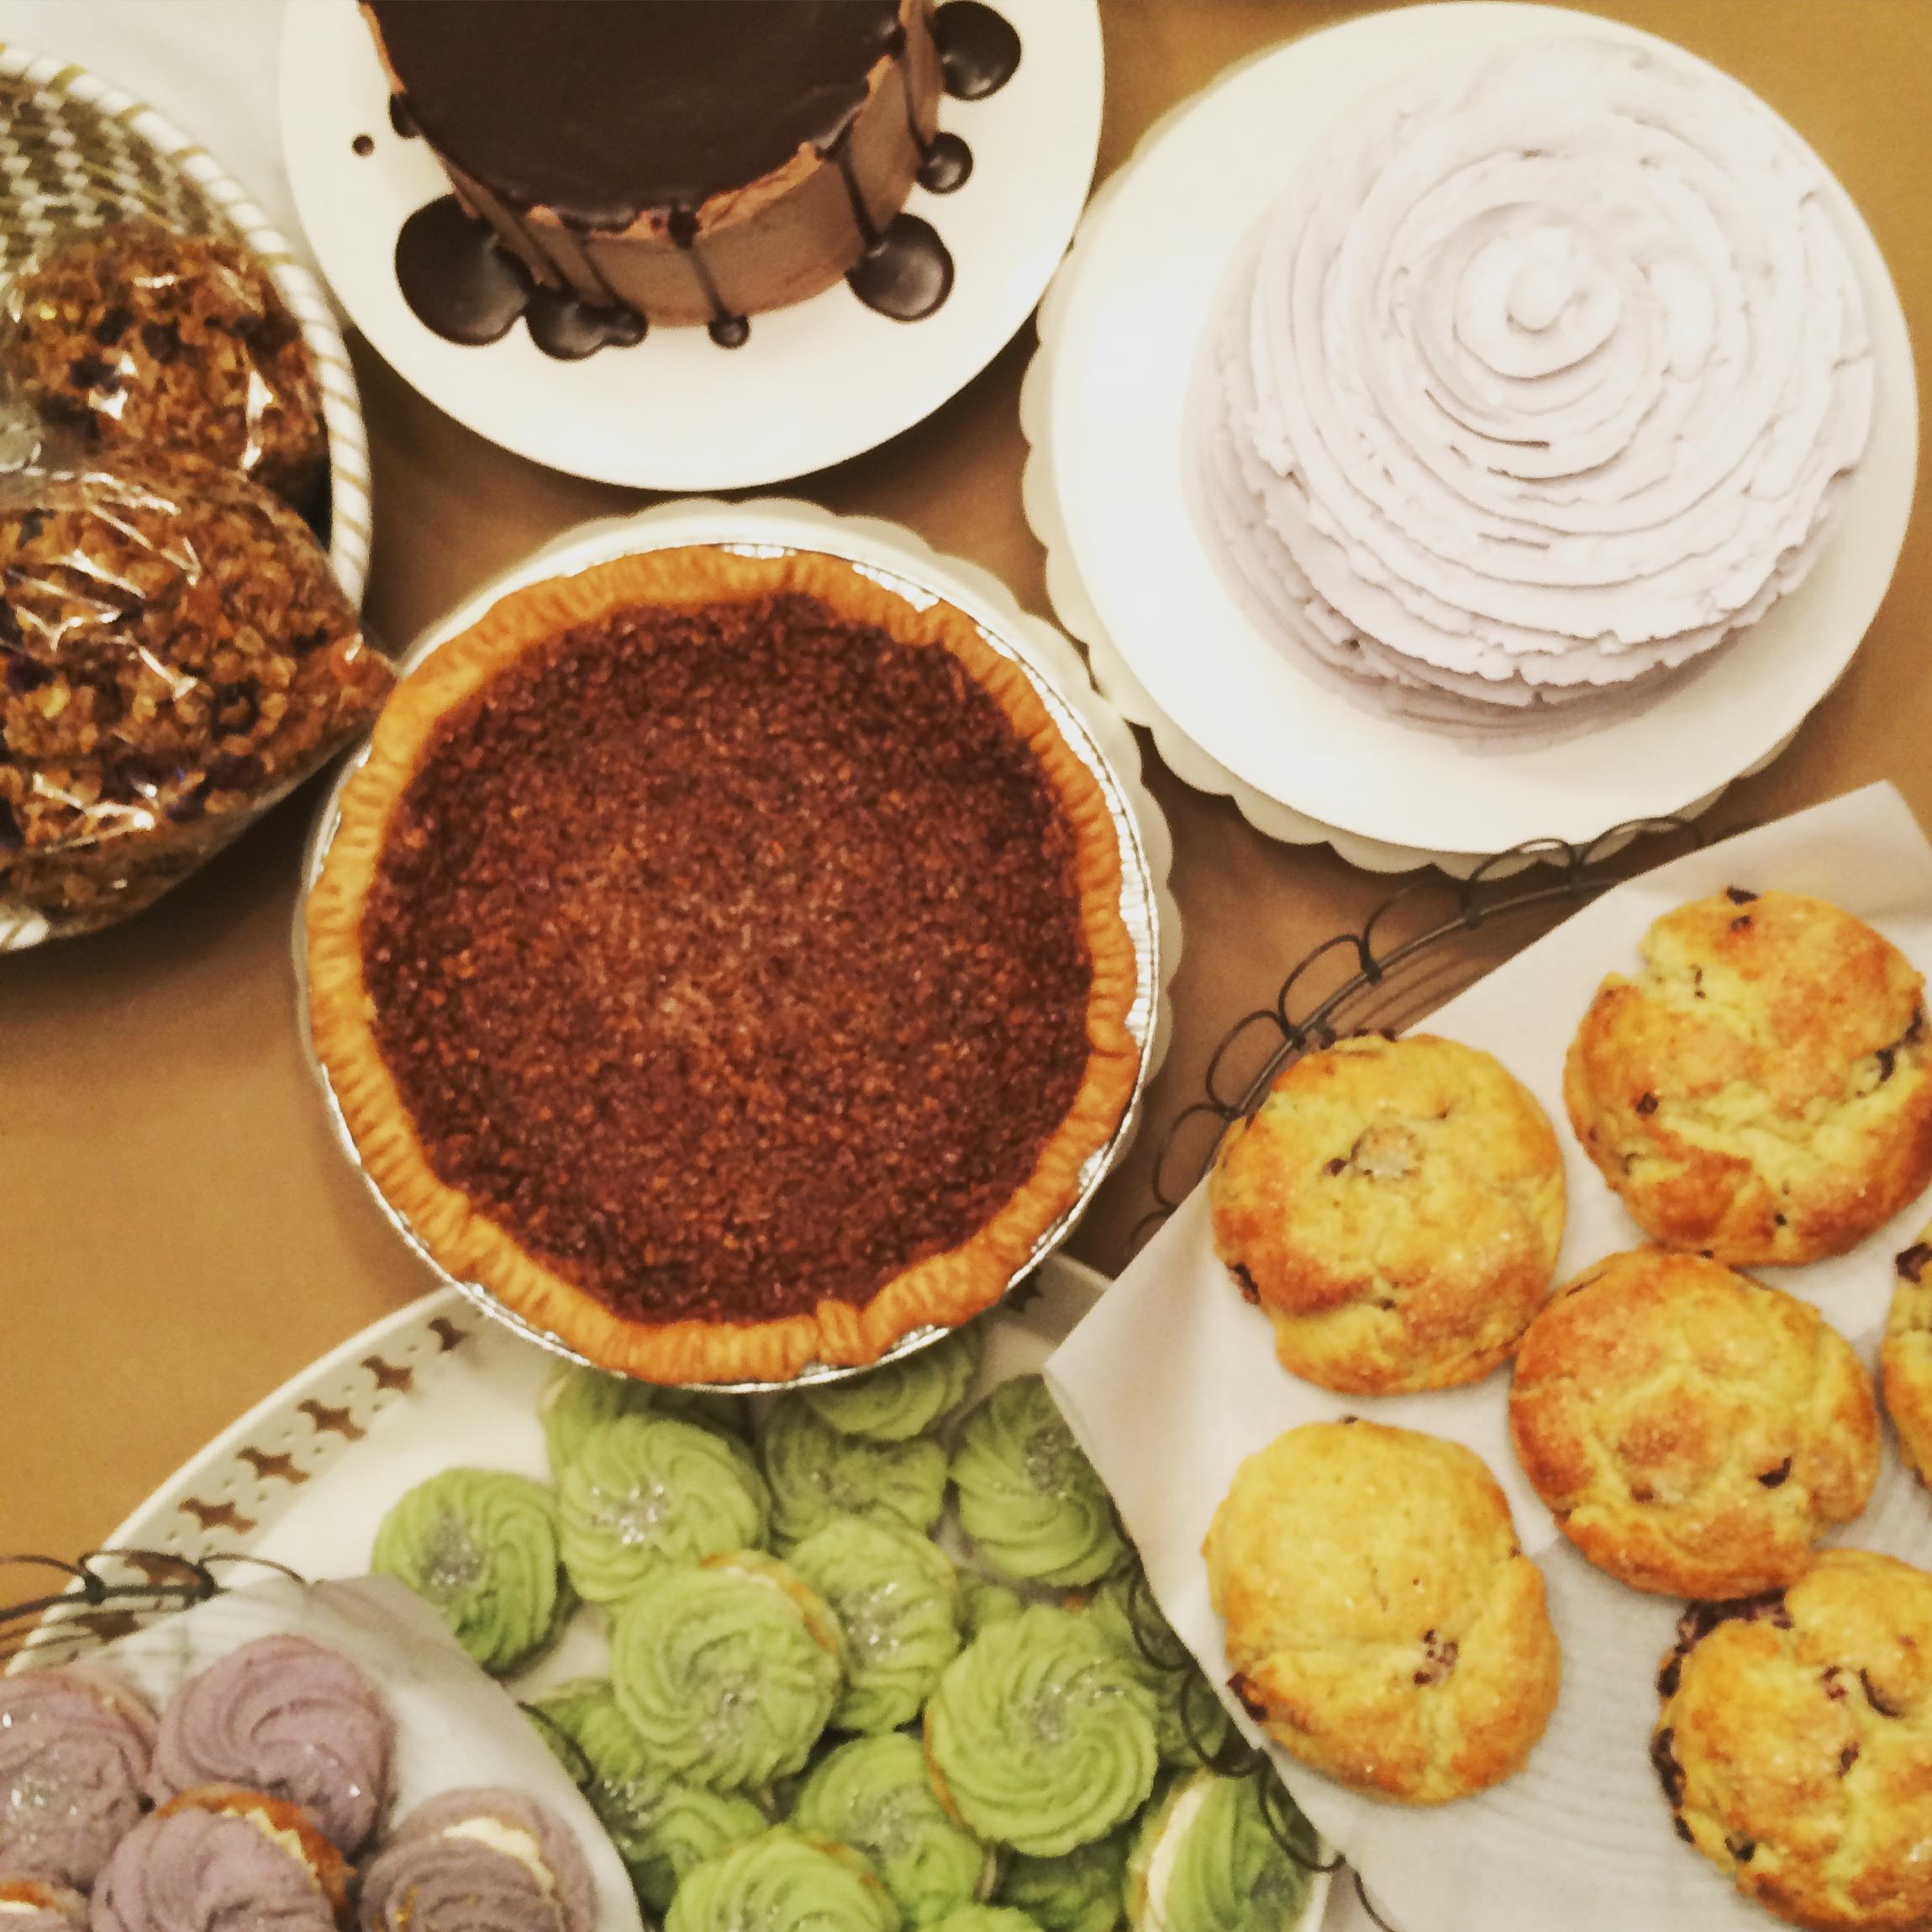 baked goods table.JPG